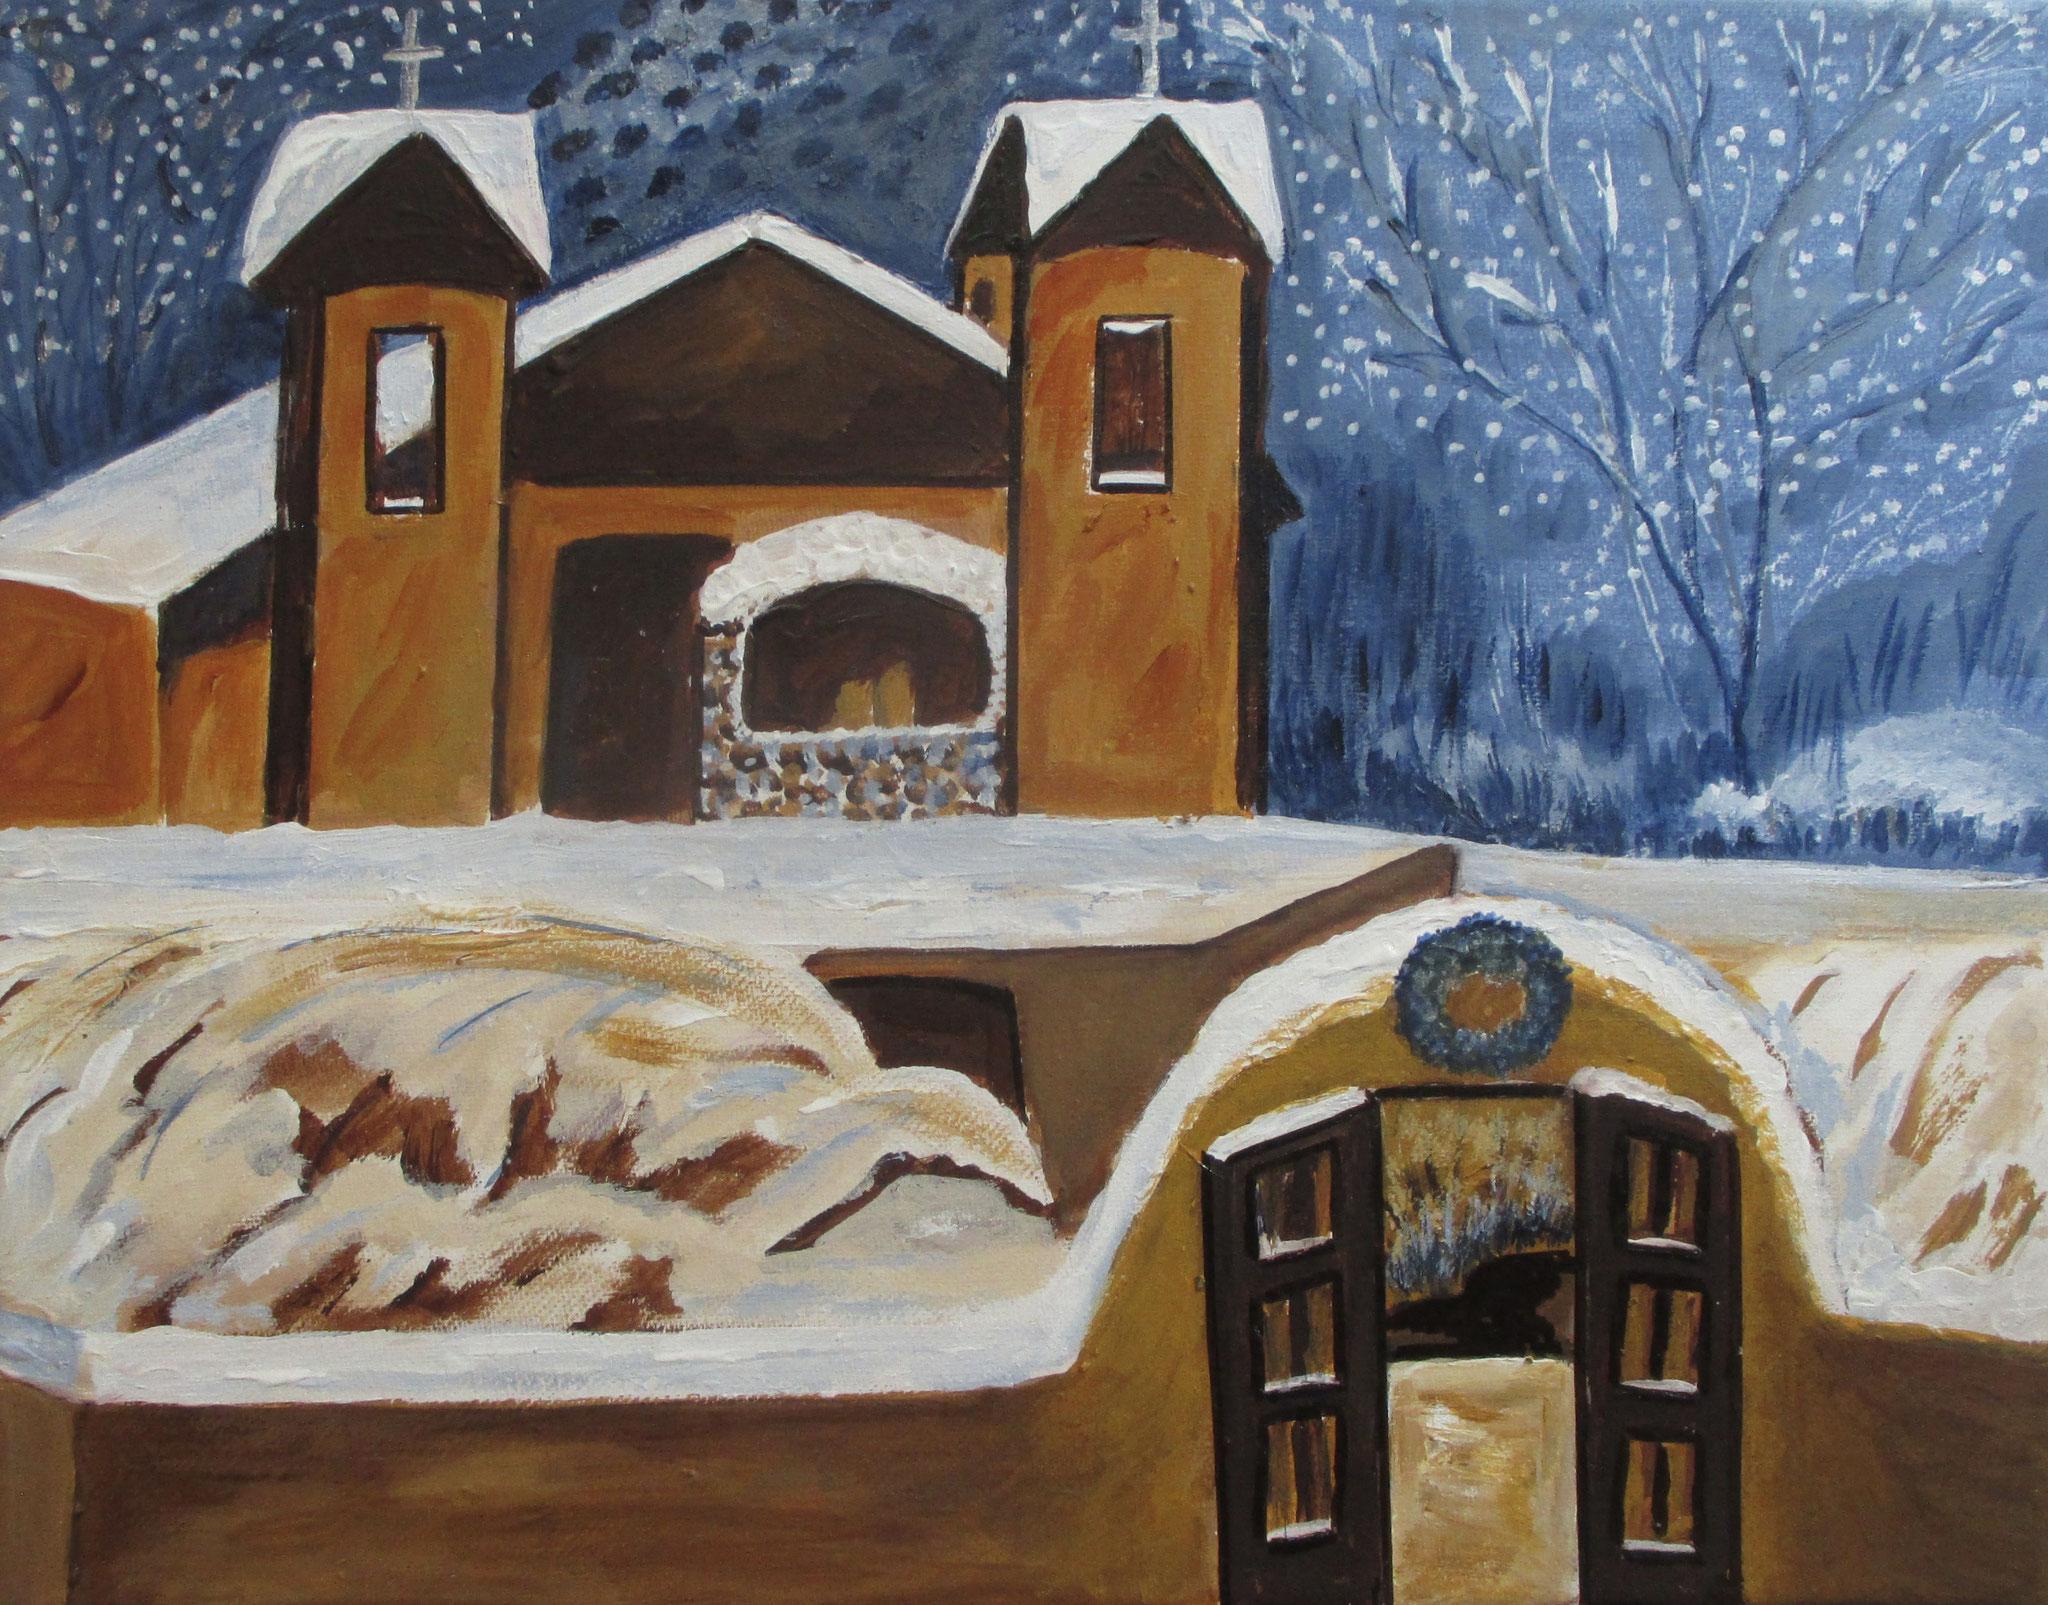 Santuario de Chimayo, acrylic on canvas, 14 x 11